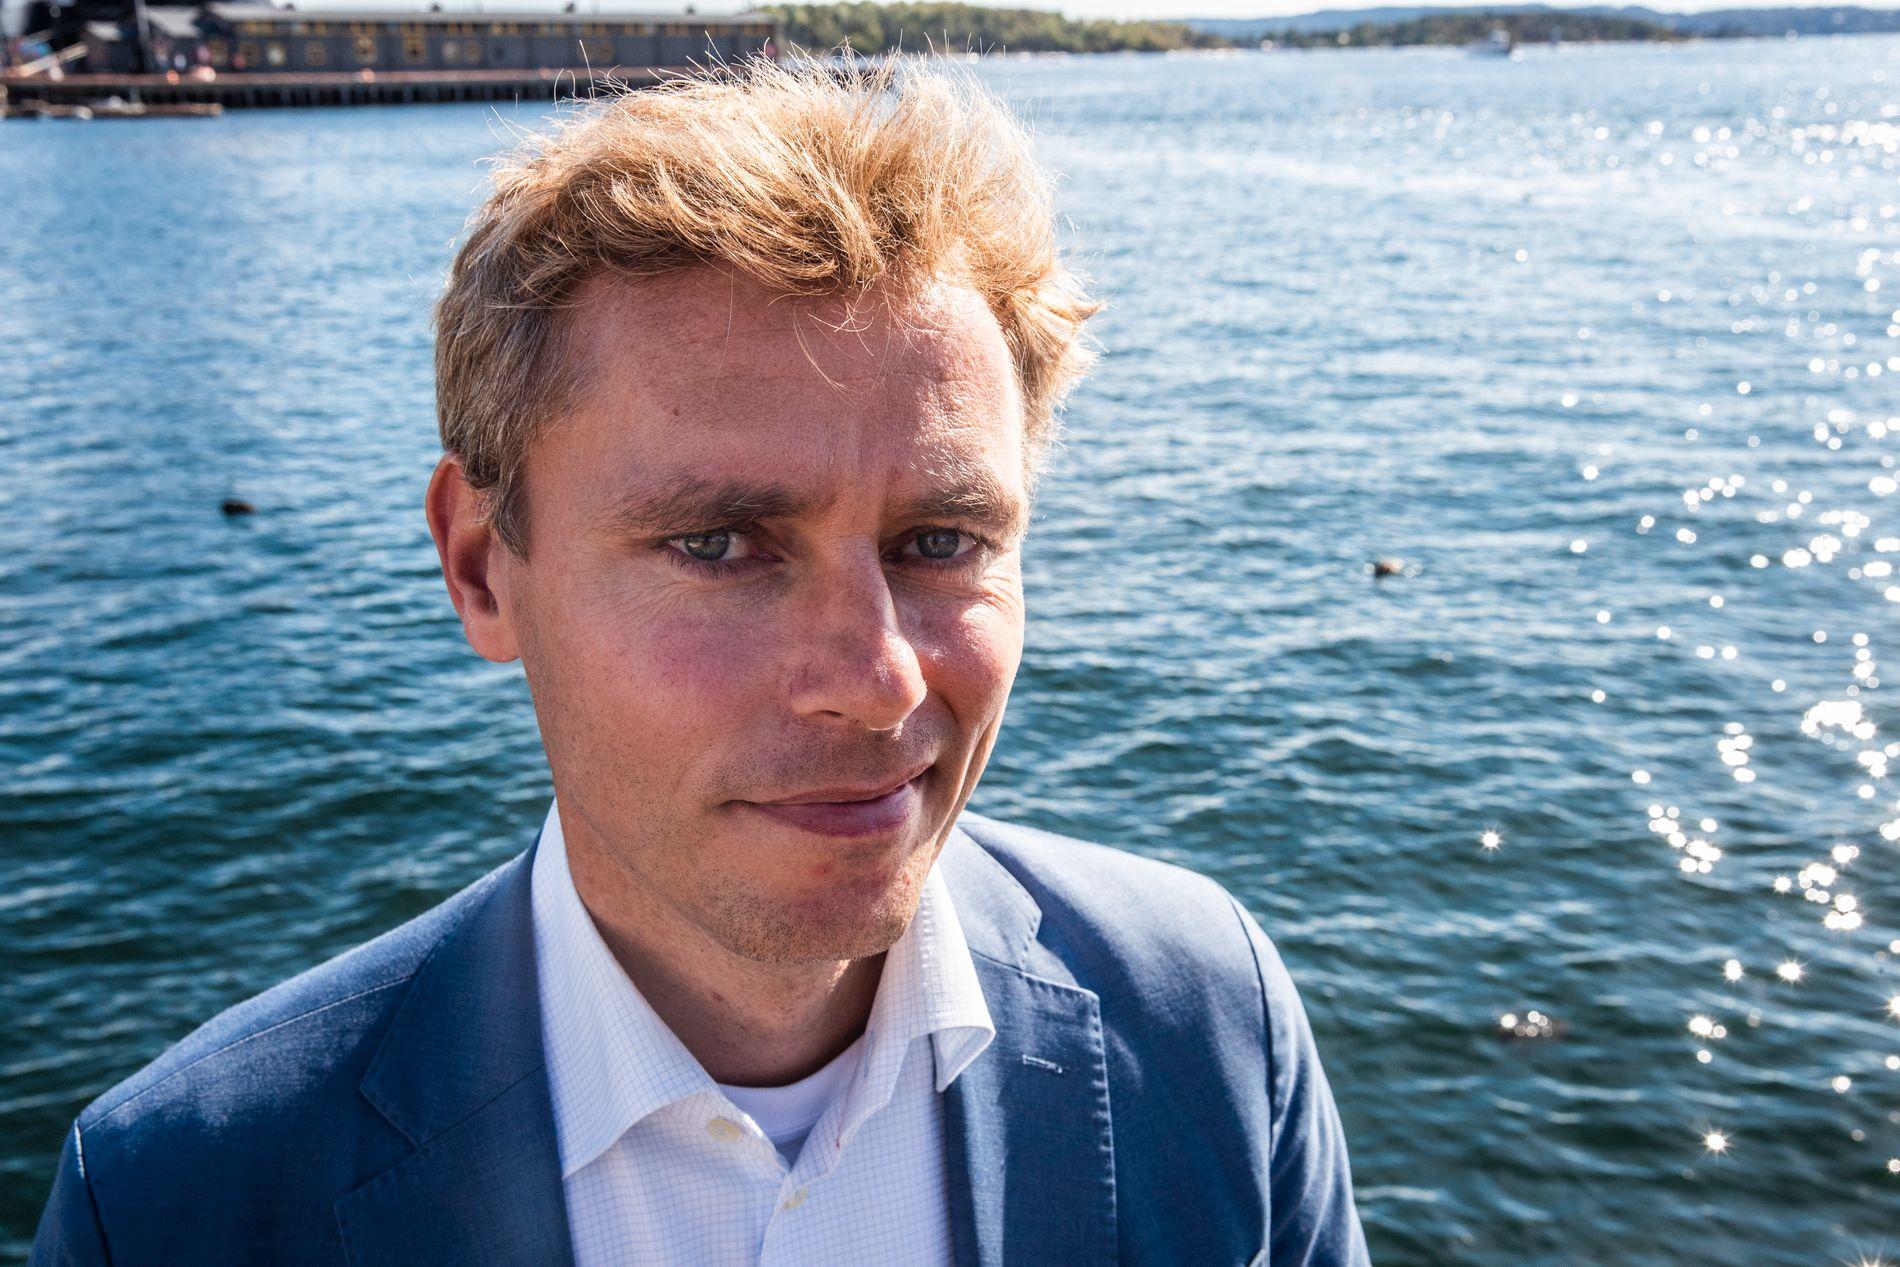 HAVMAT: Sp-nestleder Ola Borten Moe leder et partiarbeid i Senterpartiet frem mot landsmøtet neste år. Flere av forslagene kan provosere.